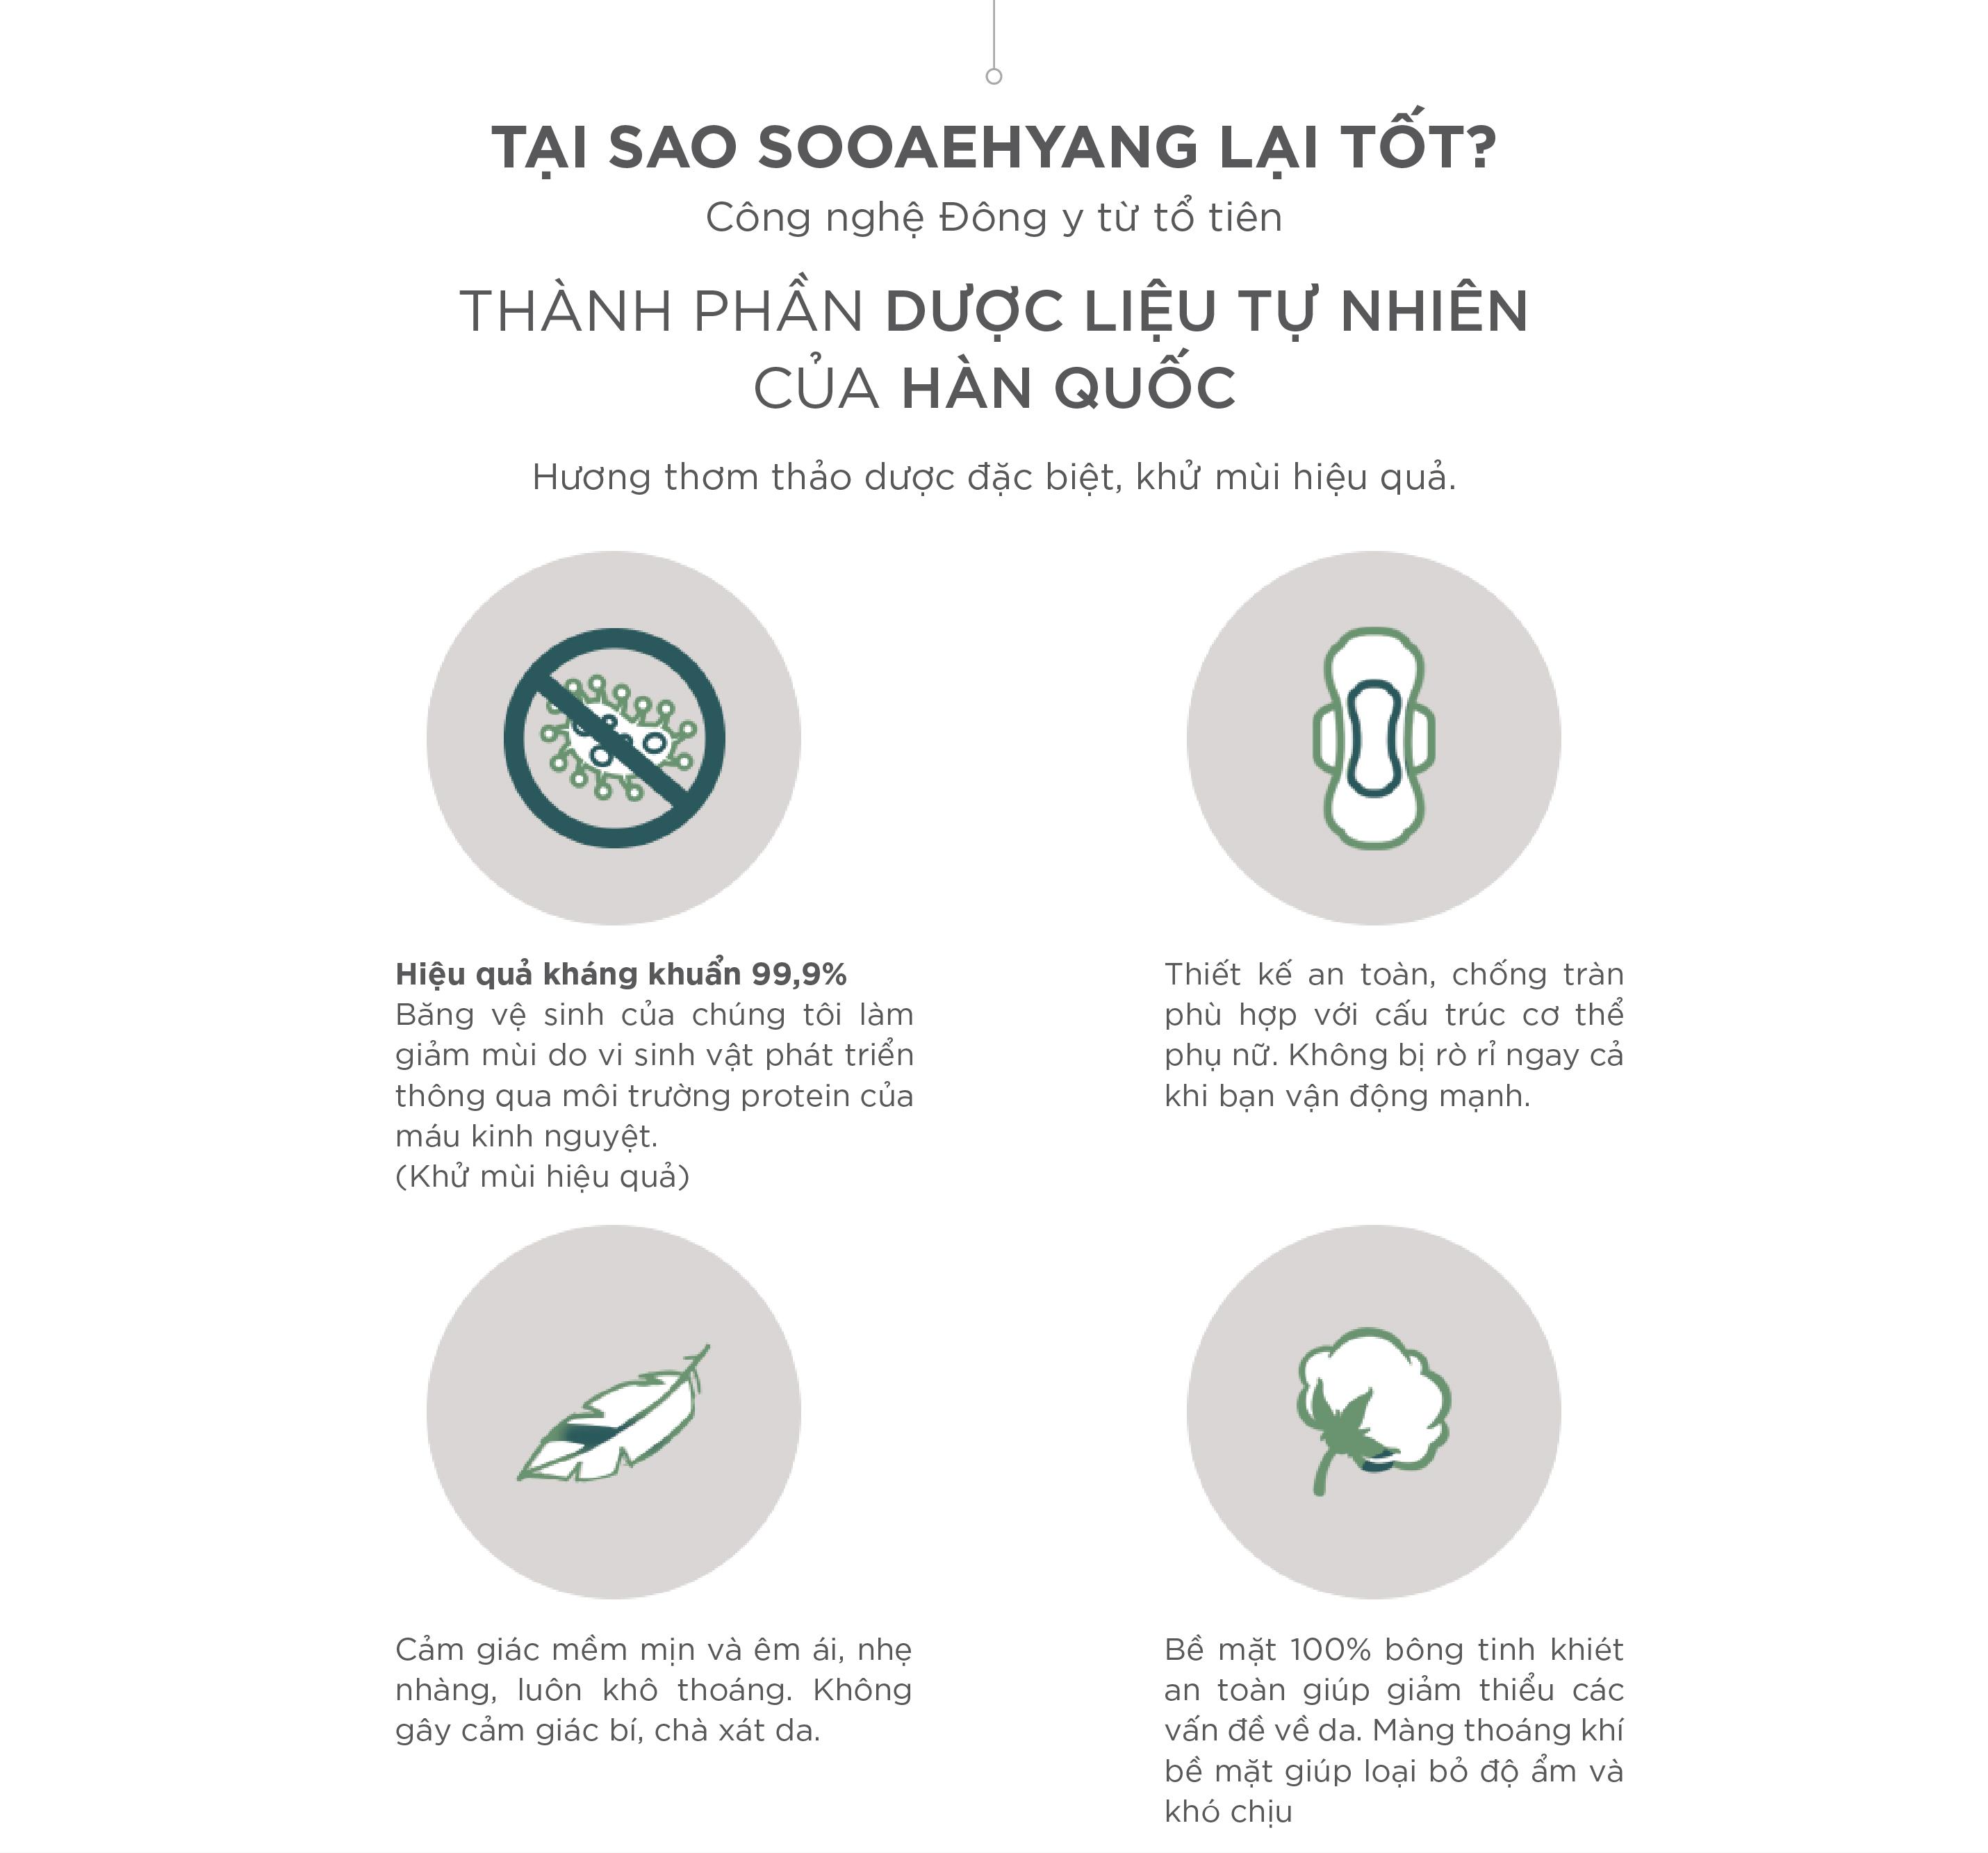 COMBO 4 GÓI BĂNG VỆ SINH HỮU CƠ THẢO DƯỢC NEOSIS SOOAEHYANG BAN NGÀY của Hàn Quốc_Size M (KT: 24cm)_1 gói/12 miếng